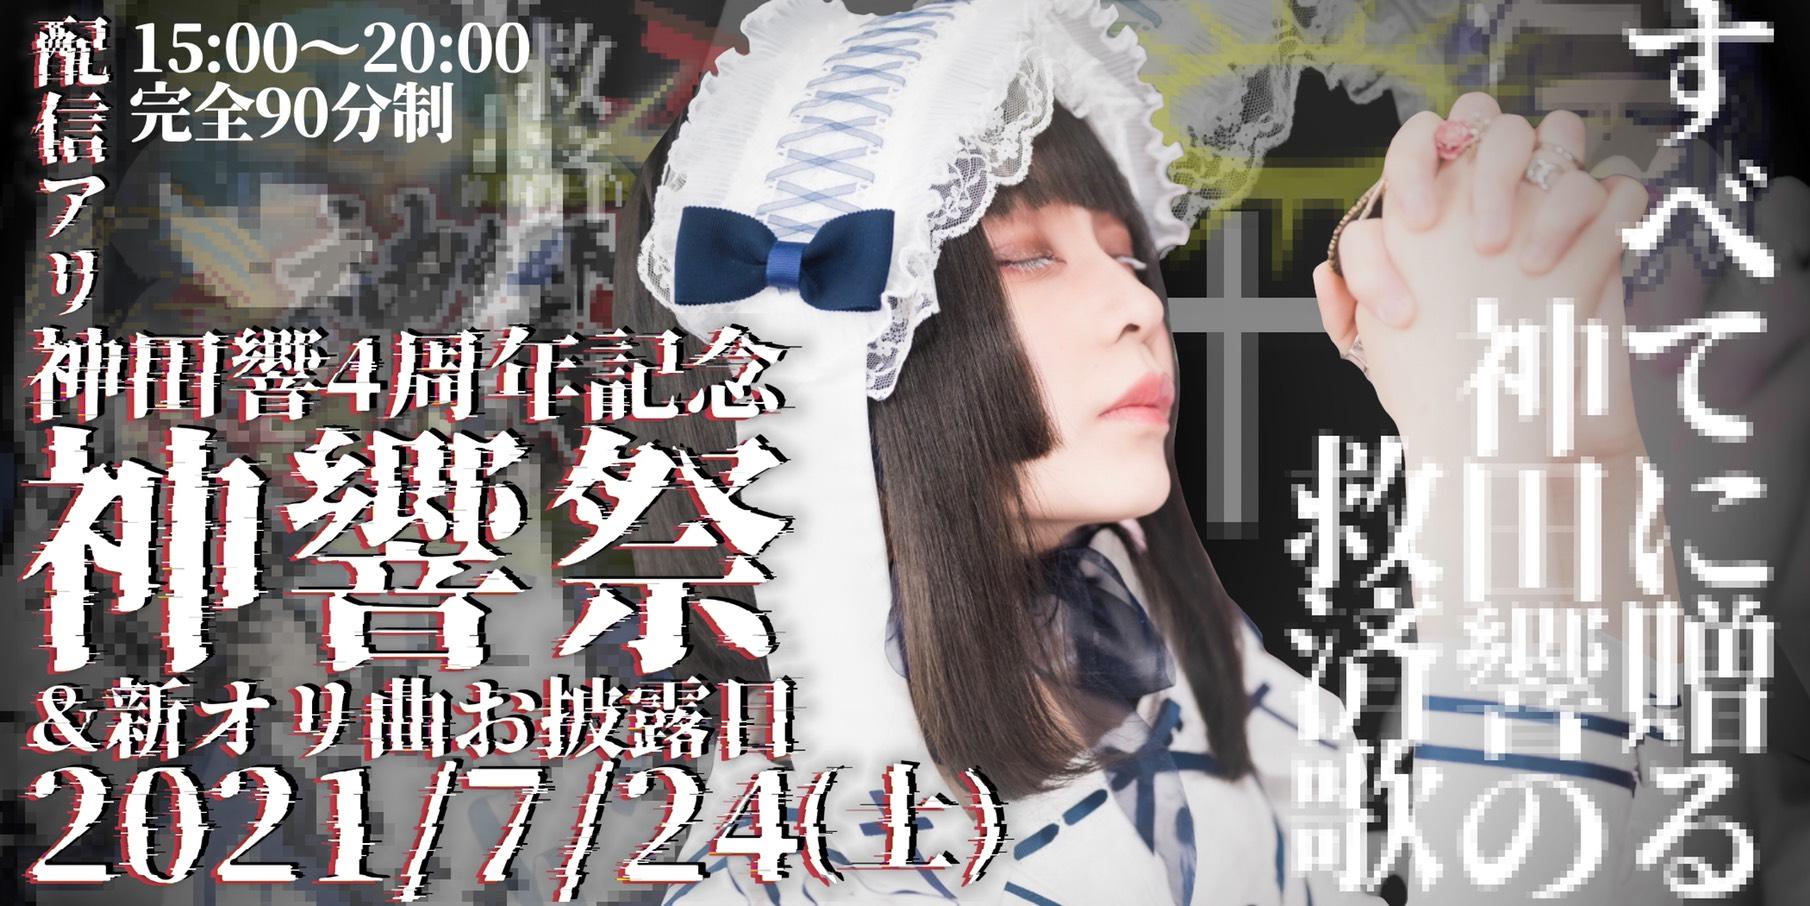 神田響4周年記念 神響祭 &新オリ曲お披露目